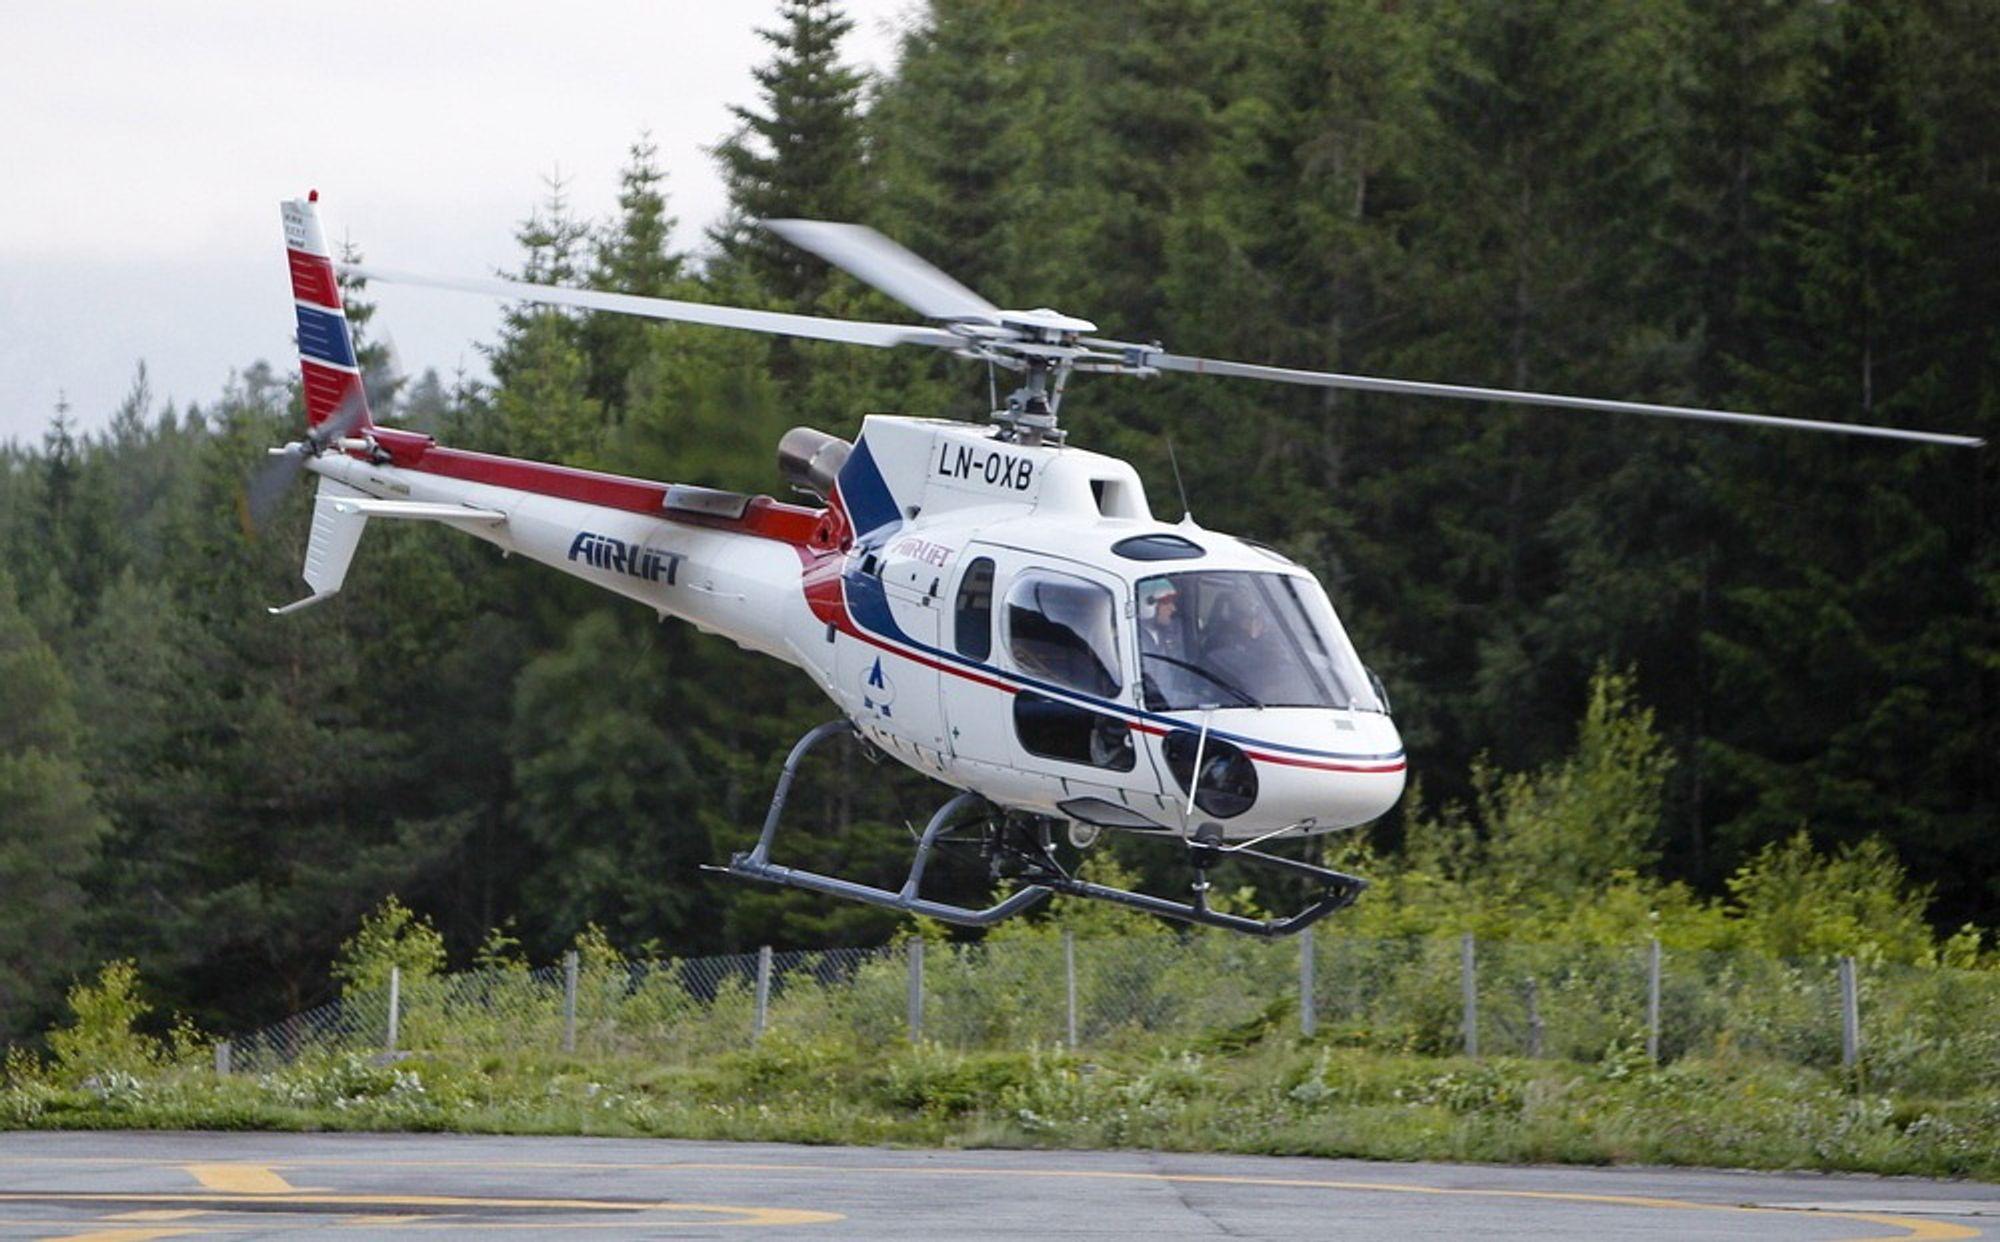 Det var et AIrlift-helikopter av denne typen, Eurocopter AS350 B3, som styrtet i fjellet ved Vassli, mellom Dalamot og Busete i Hardanger for ett år siden.